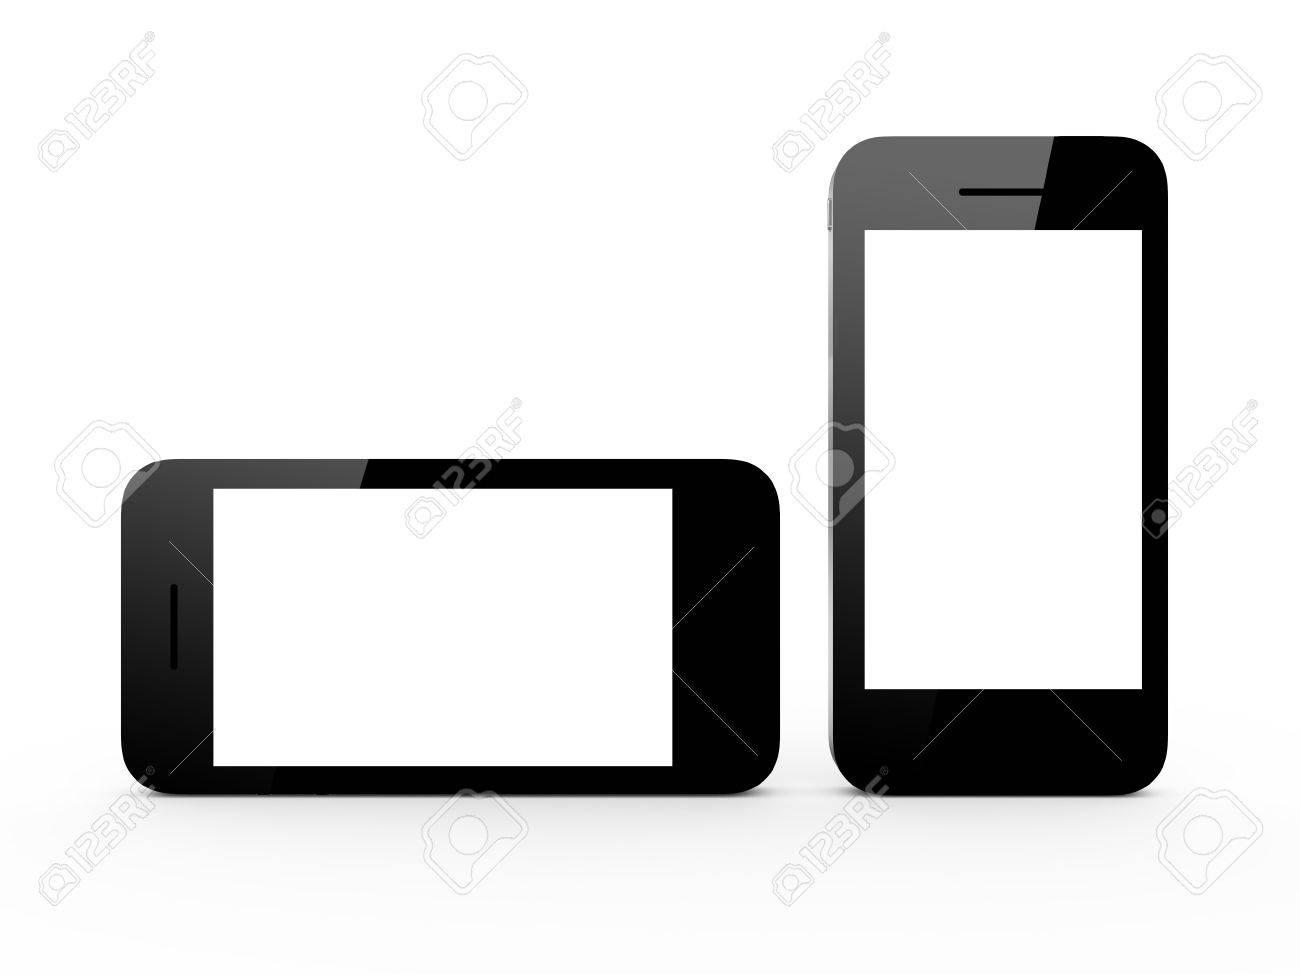 Realista Dispositivo De Teléfono Móvil Con Pantalla Táctil En Blanco ...